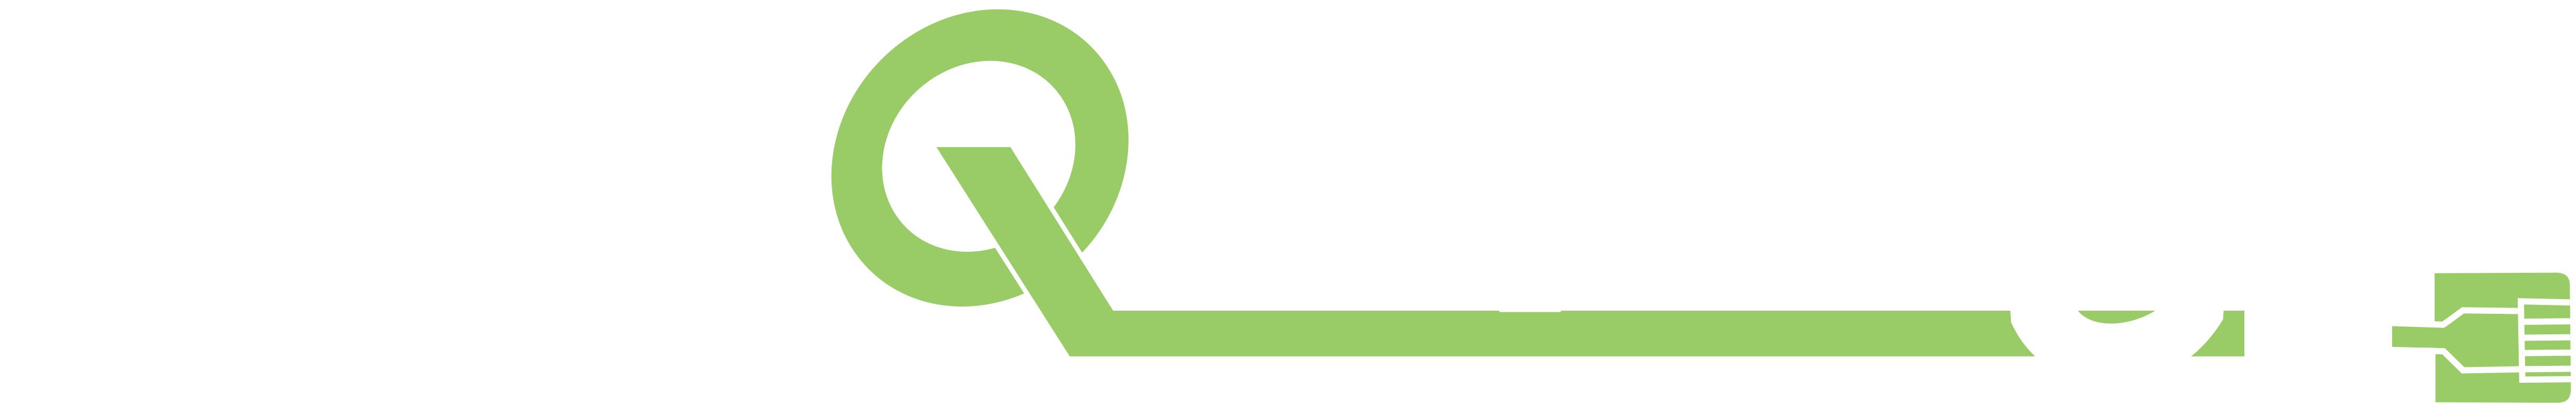 Logo de Net Quality, favricante de accesorios para CCTV y seguridad electrónica